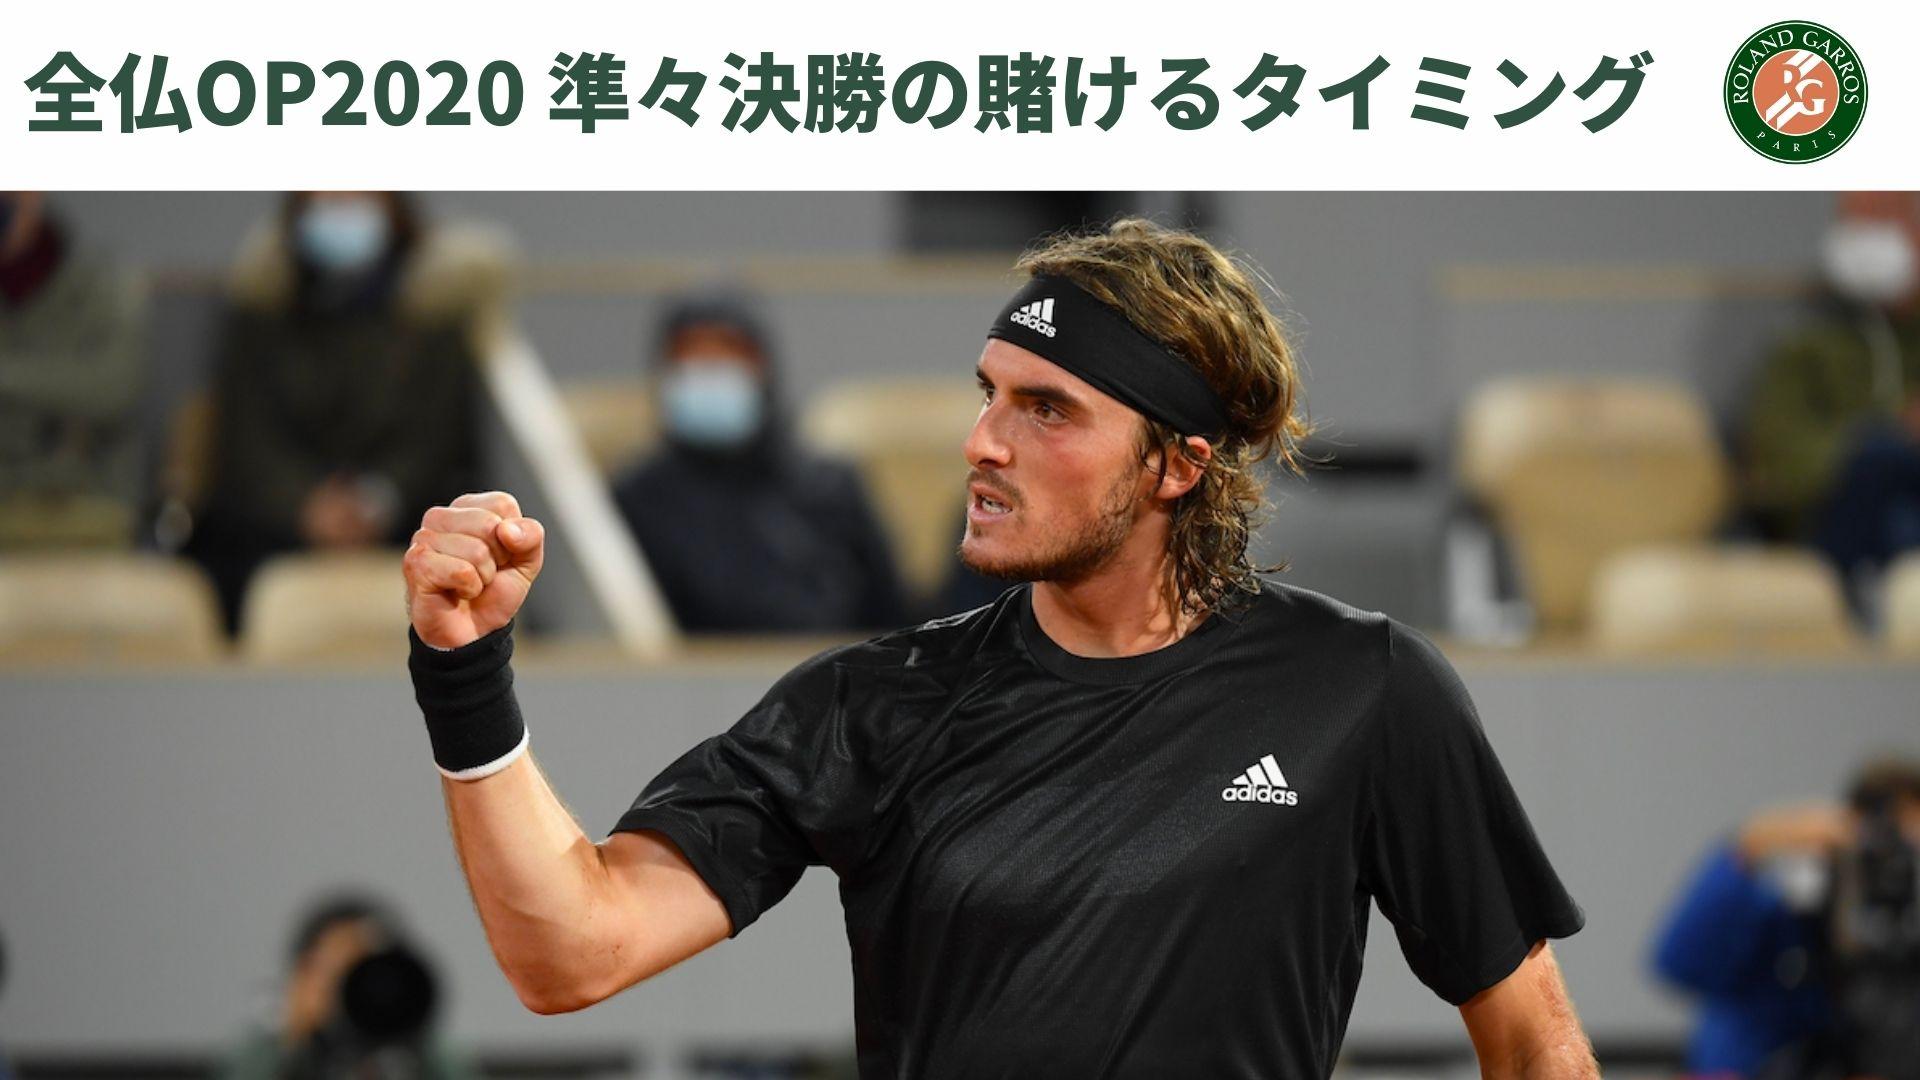 全仏オープン2020のベスト8